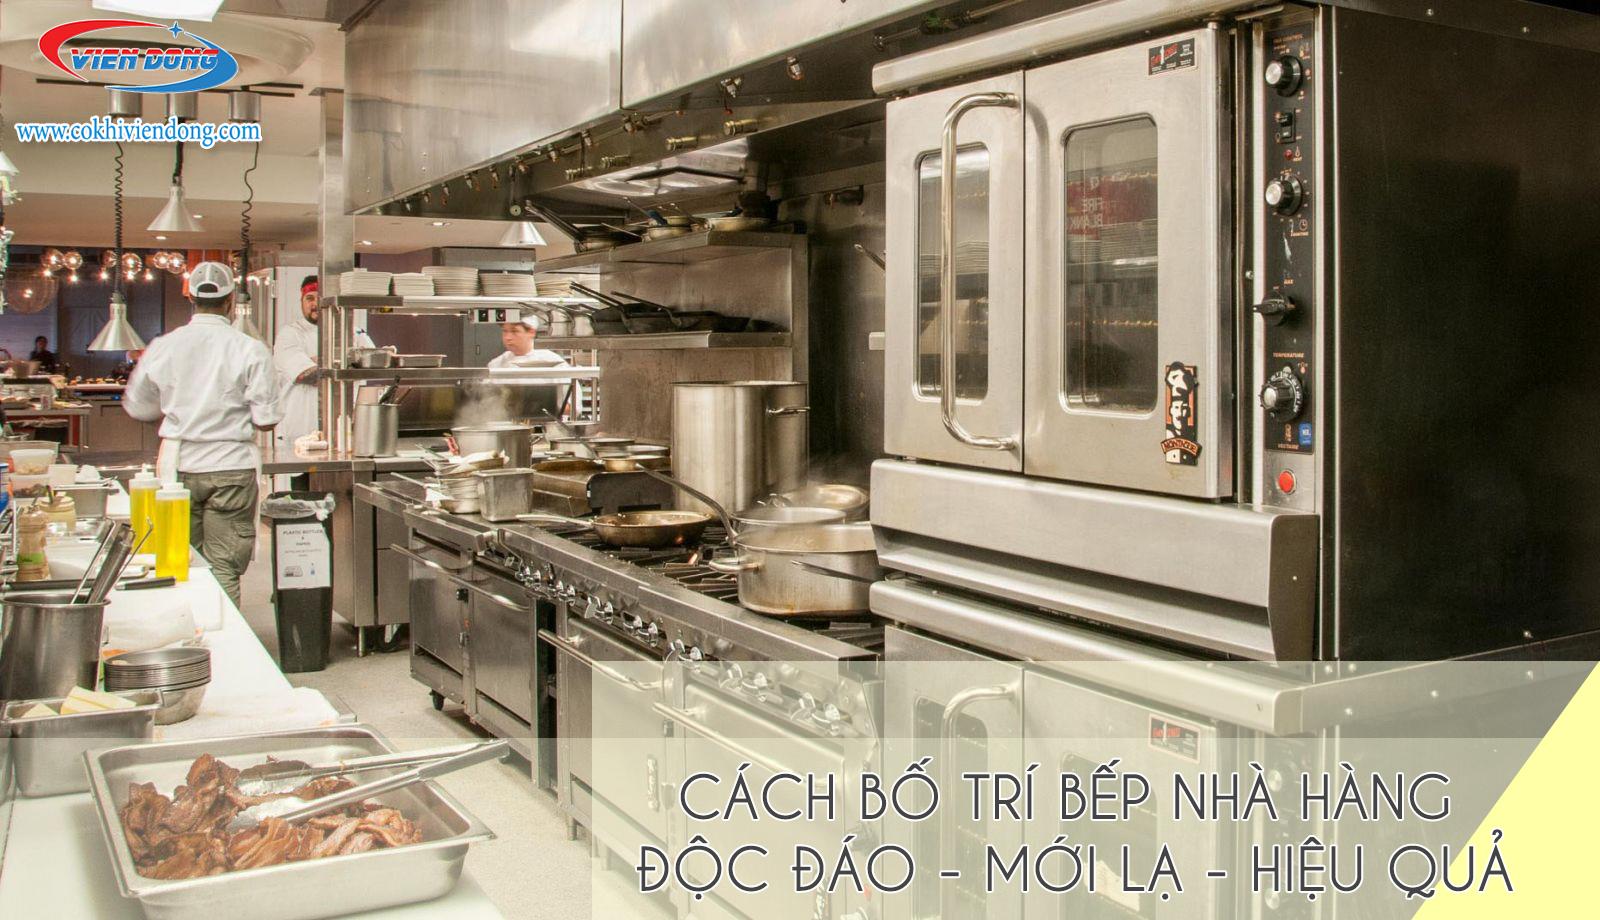 Cách bố trí bếp nhà hàng: độc đáo - mới lạ - hiệu quả